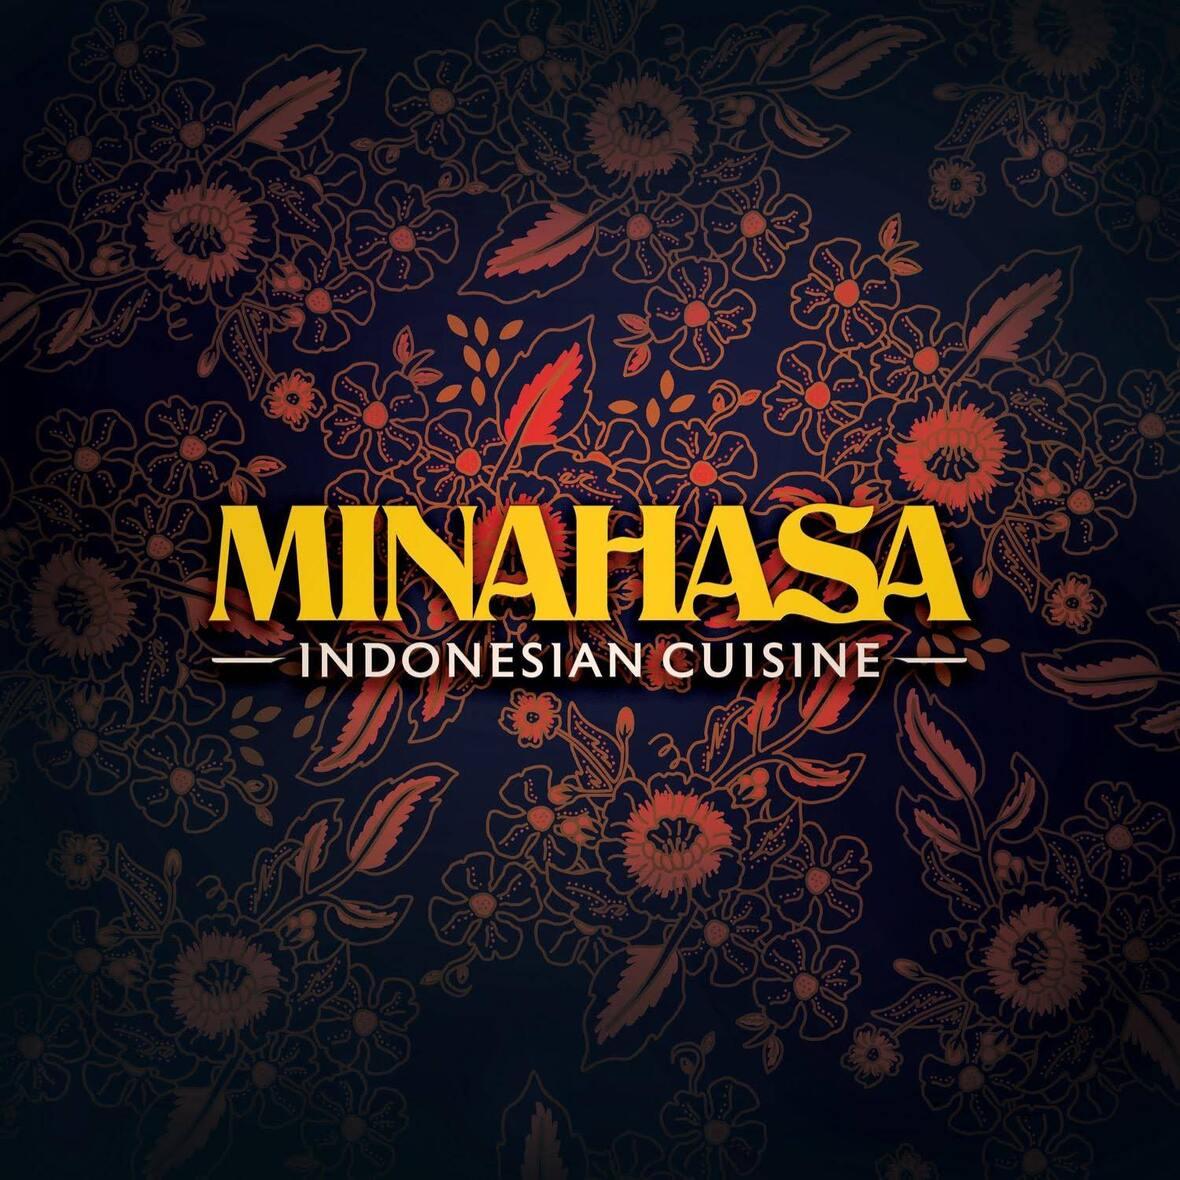 minahasa